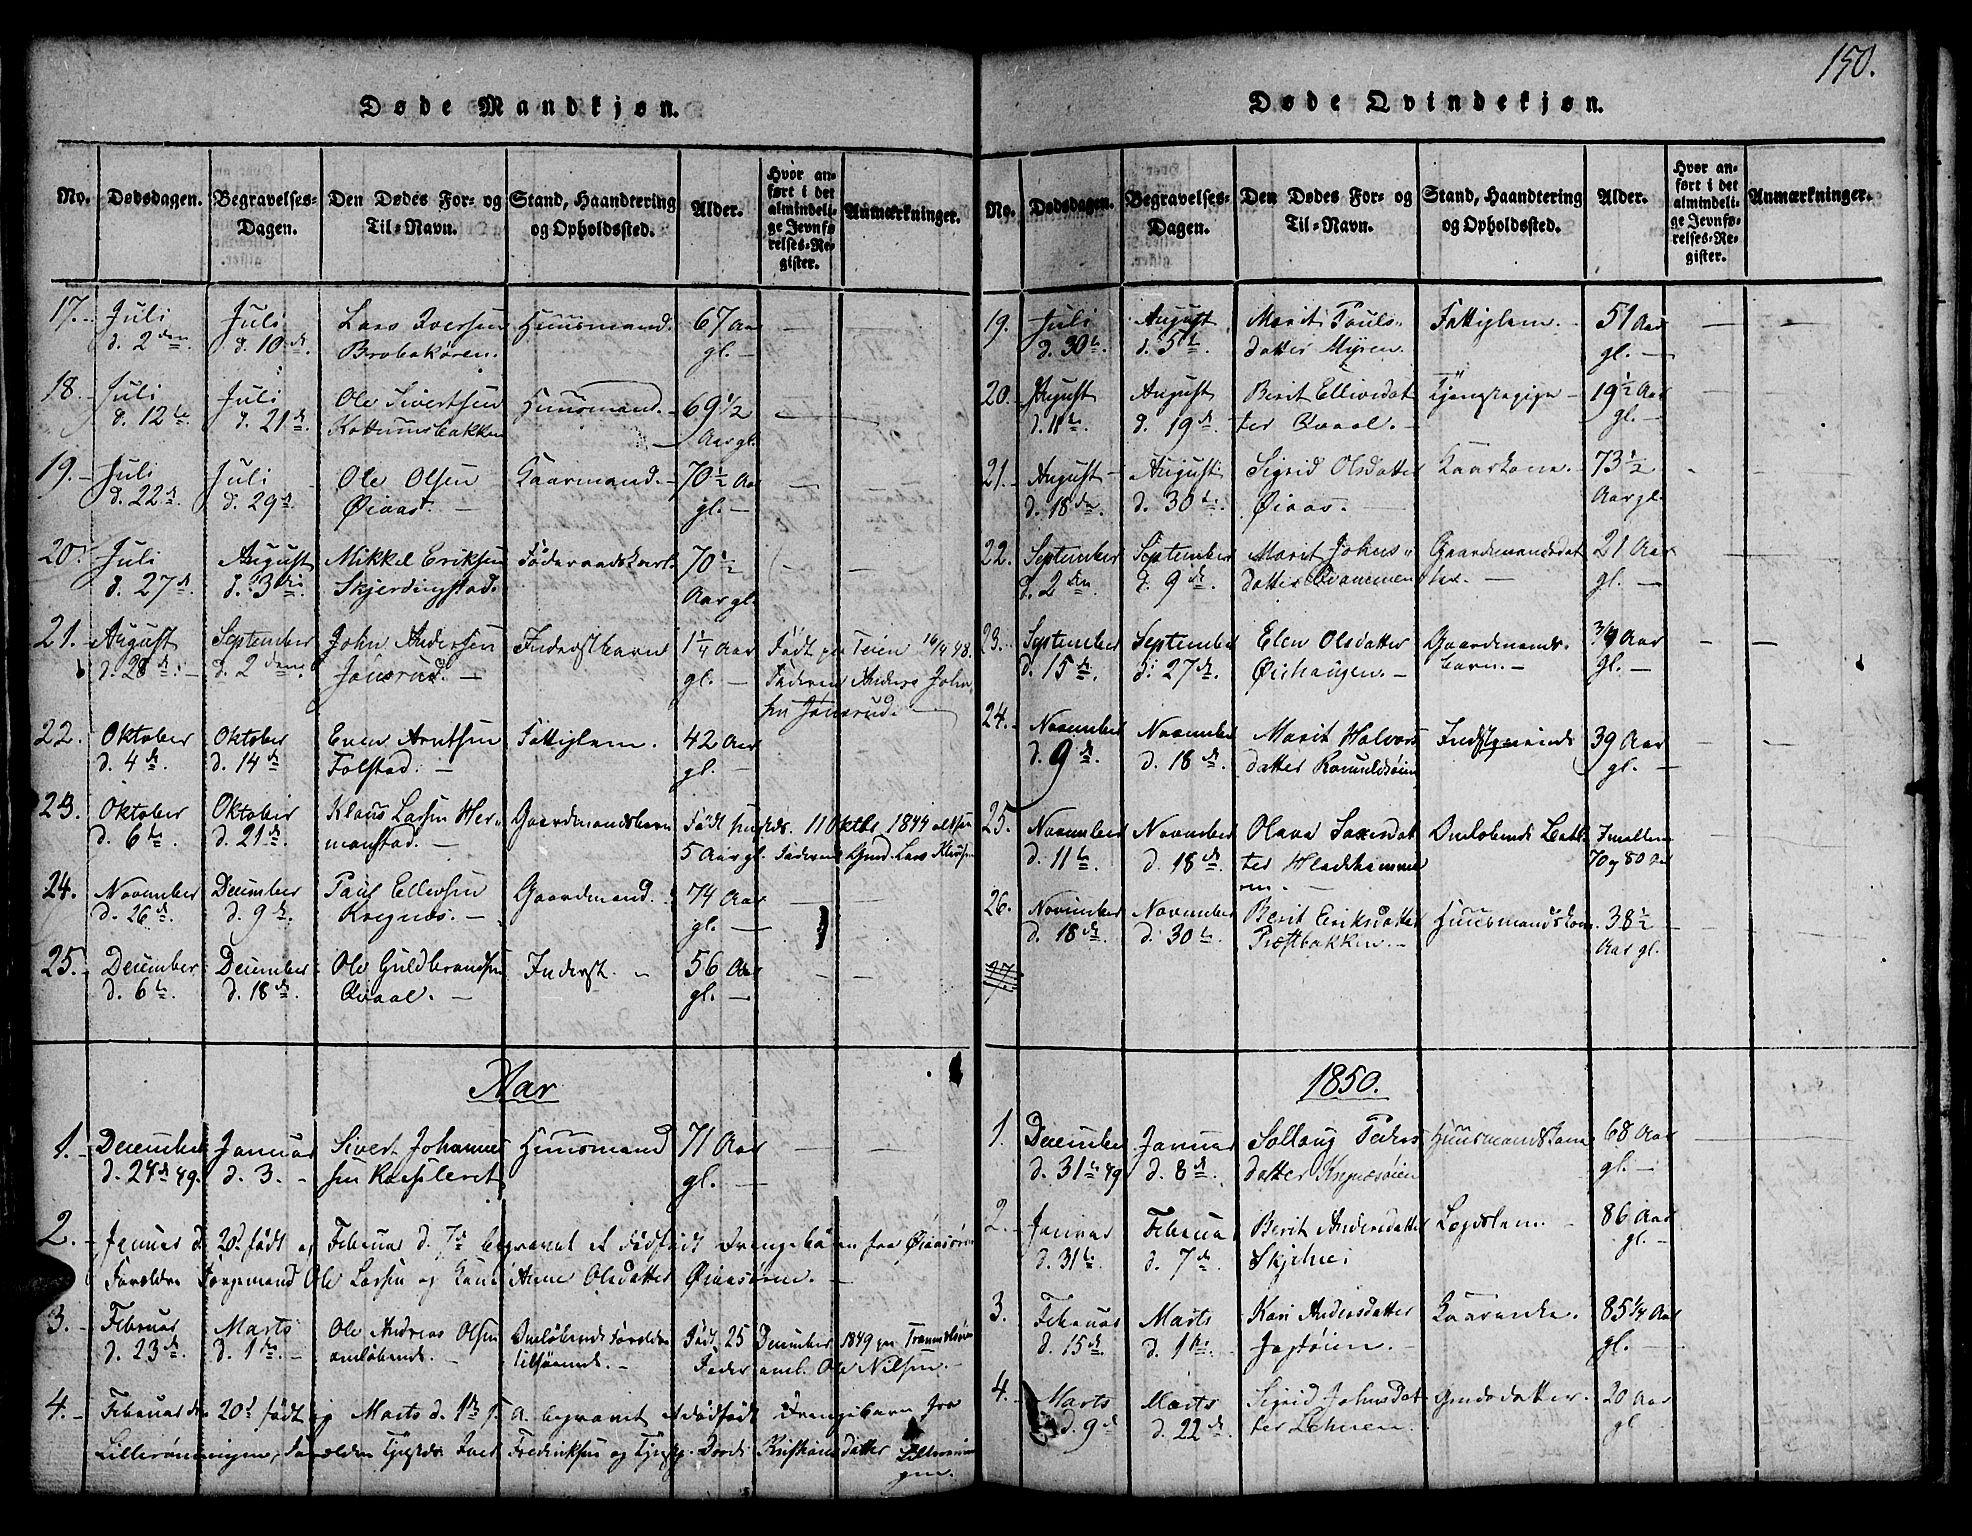 SAT, Ministerialprotokoller, klokkerbøker og fødselsregistre - Sør-Trøndelag, 691/L1092: Klokkerbok nr. 691C03, 1816-1852, s. 150